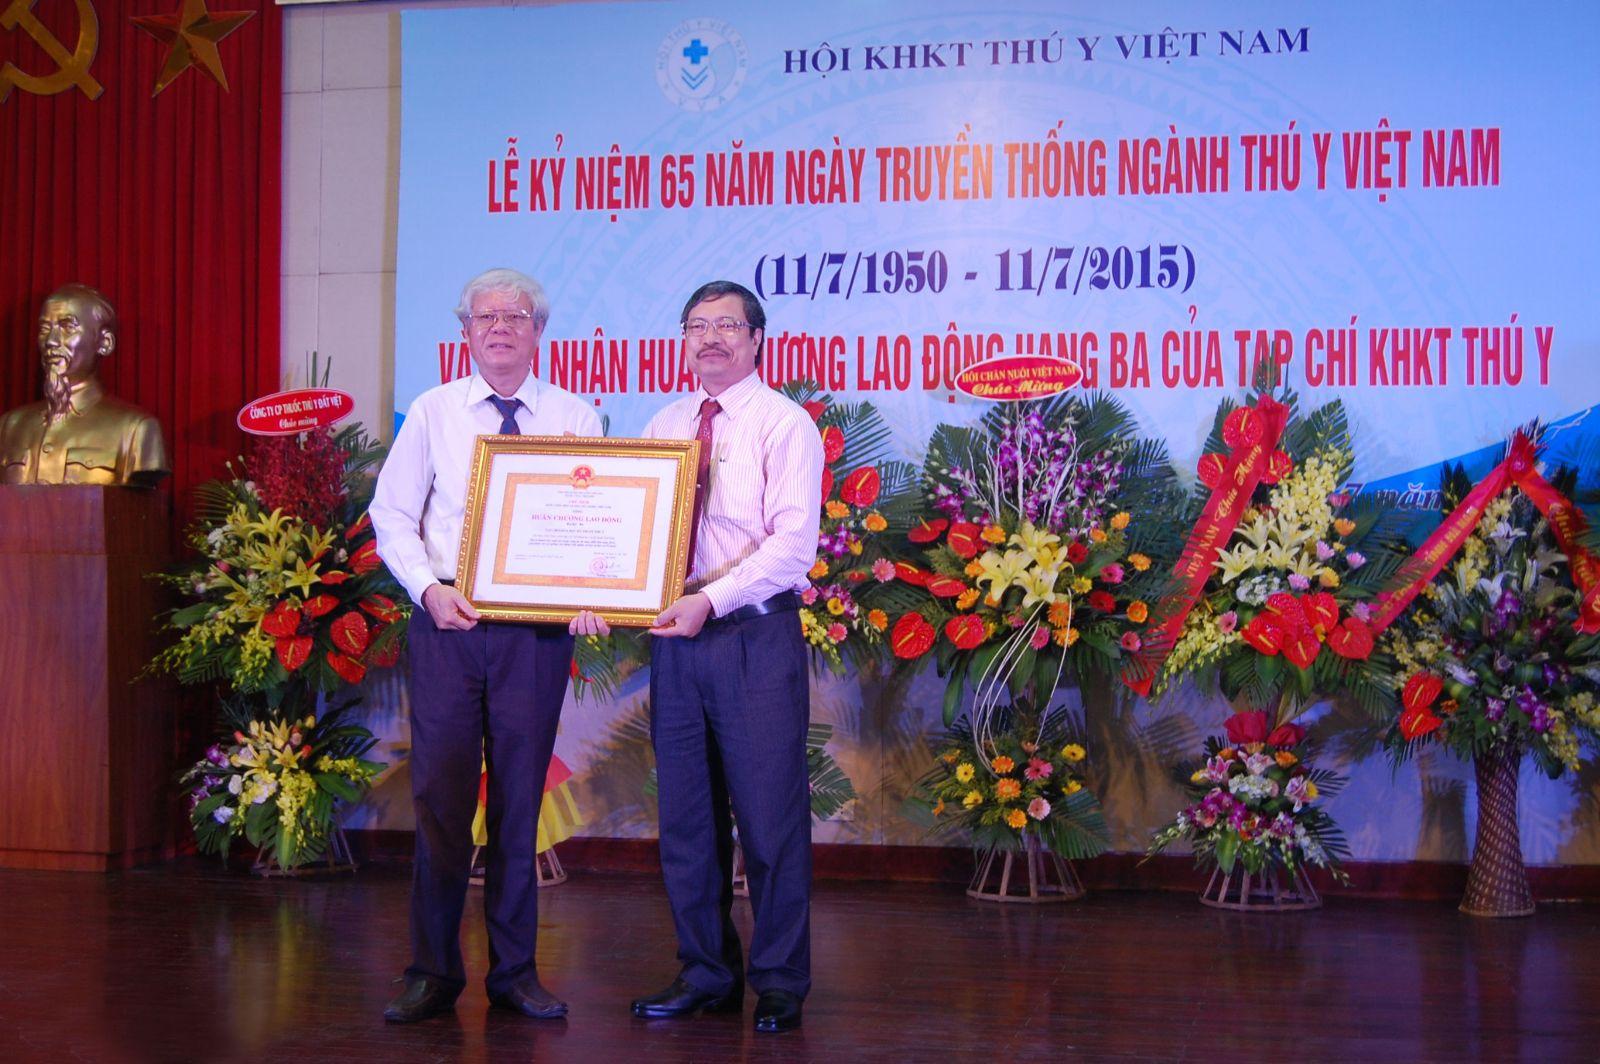 Hanvet- Nhà tài trợ chính cho lễ kỷ niệm 65 năm ngày truyền thống Ngành Thú y Việt Nam (11/7/1950–11/7/2015) và đón nhận Huân chương Lao động hạng ba của Tạp chí KHKT thú y